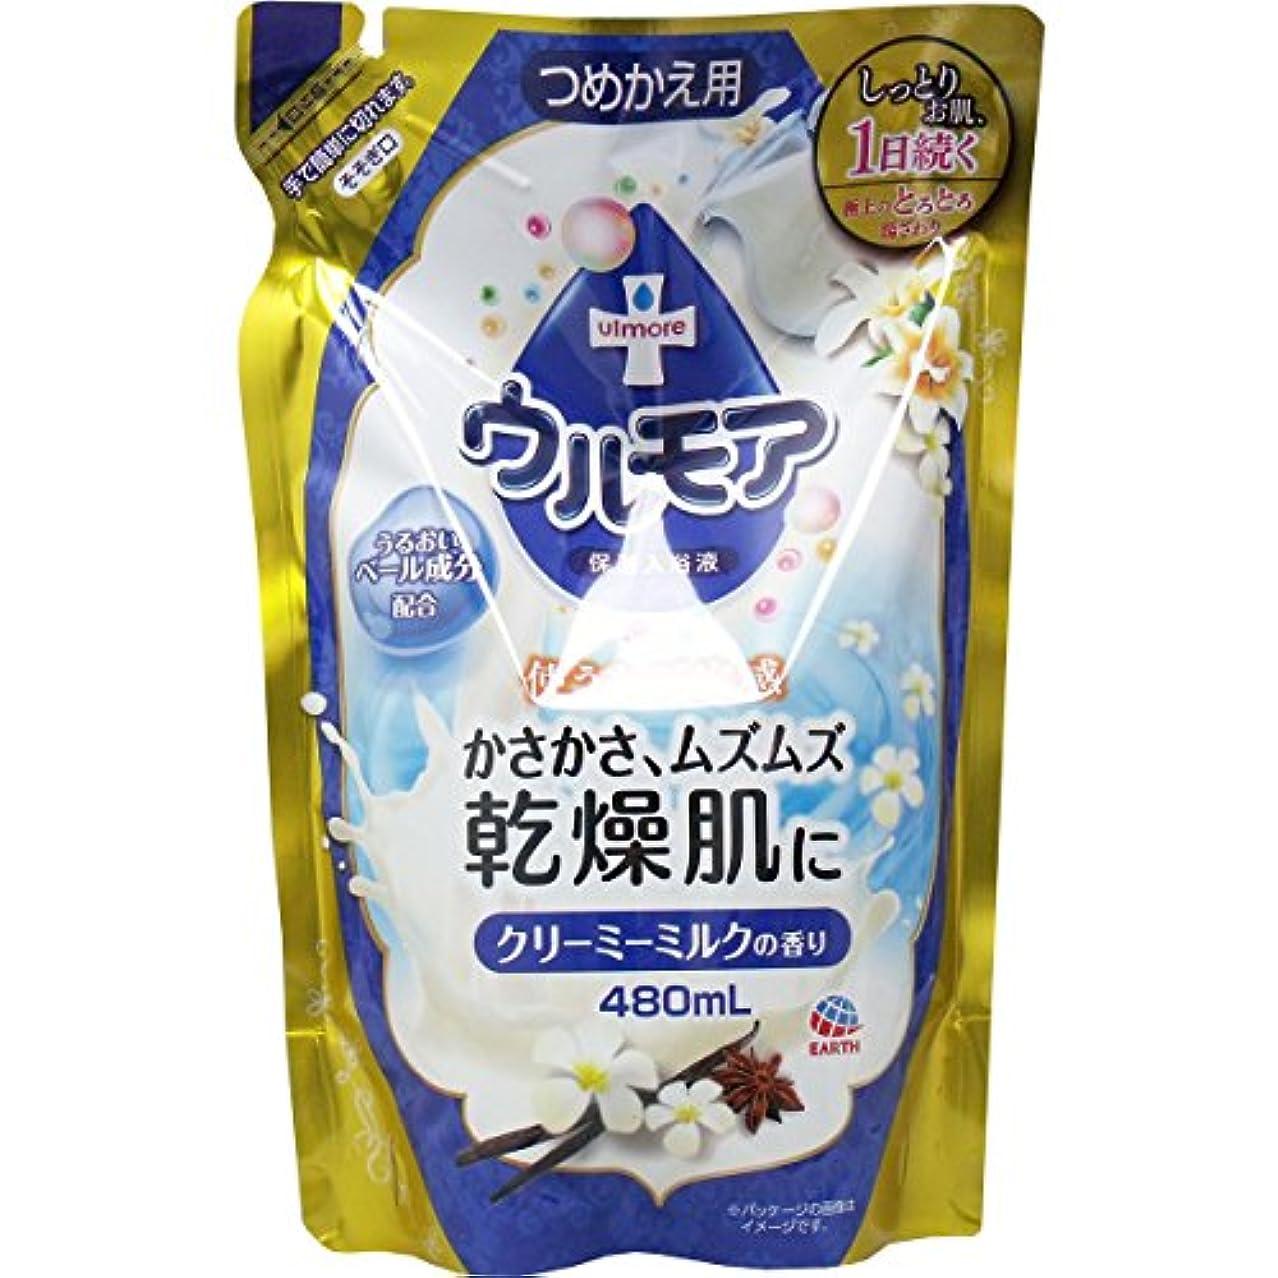 報酬の質量箱保湿入浴液ウルモアクリーミーミルク 替え × 10個セット